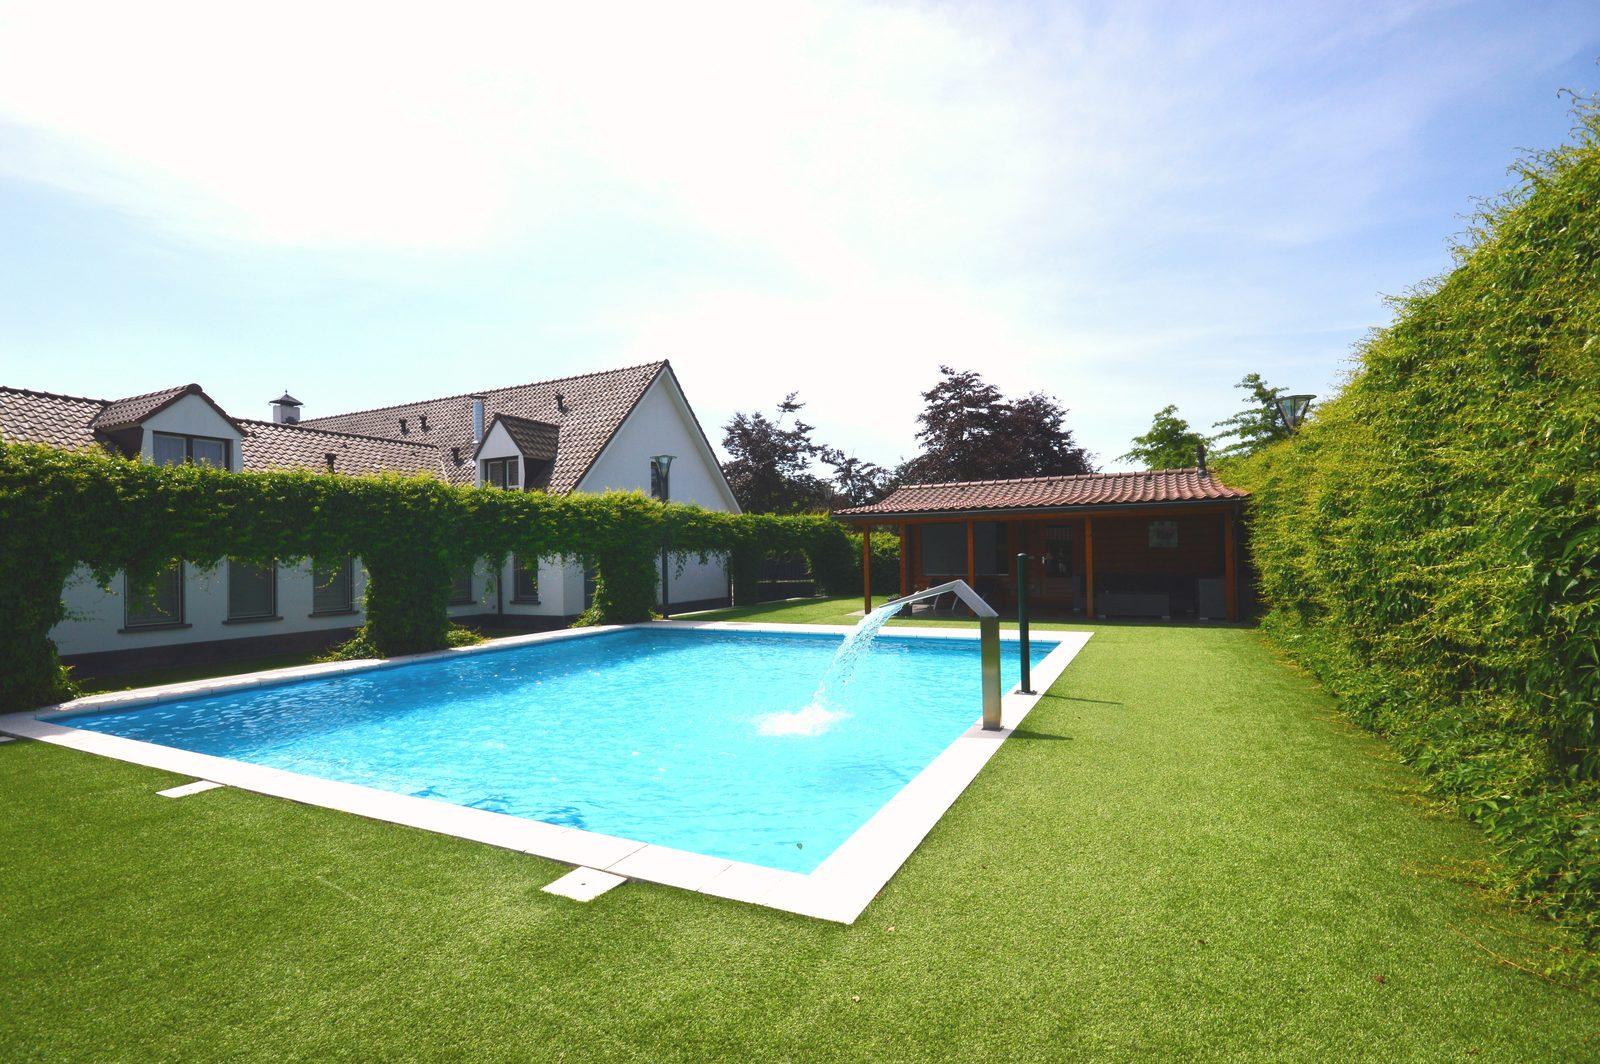 Vakantiehuis met privé zwembad huren